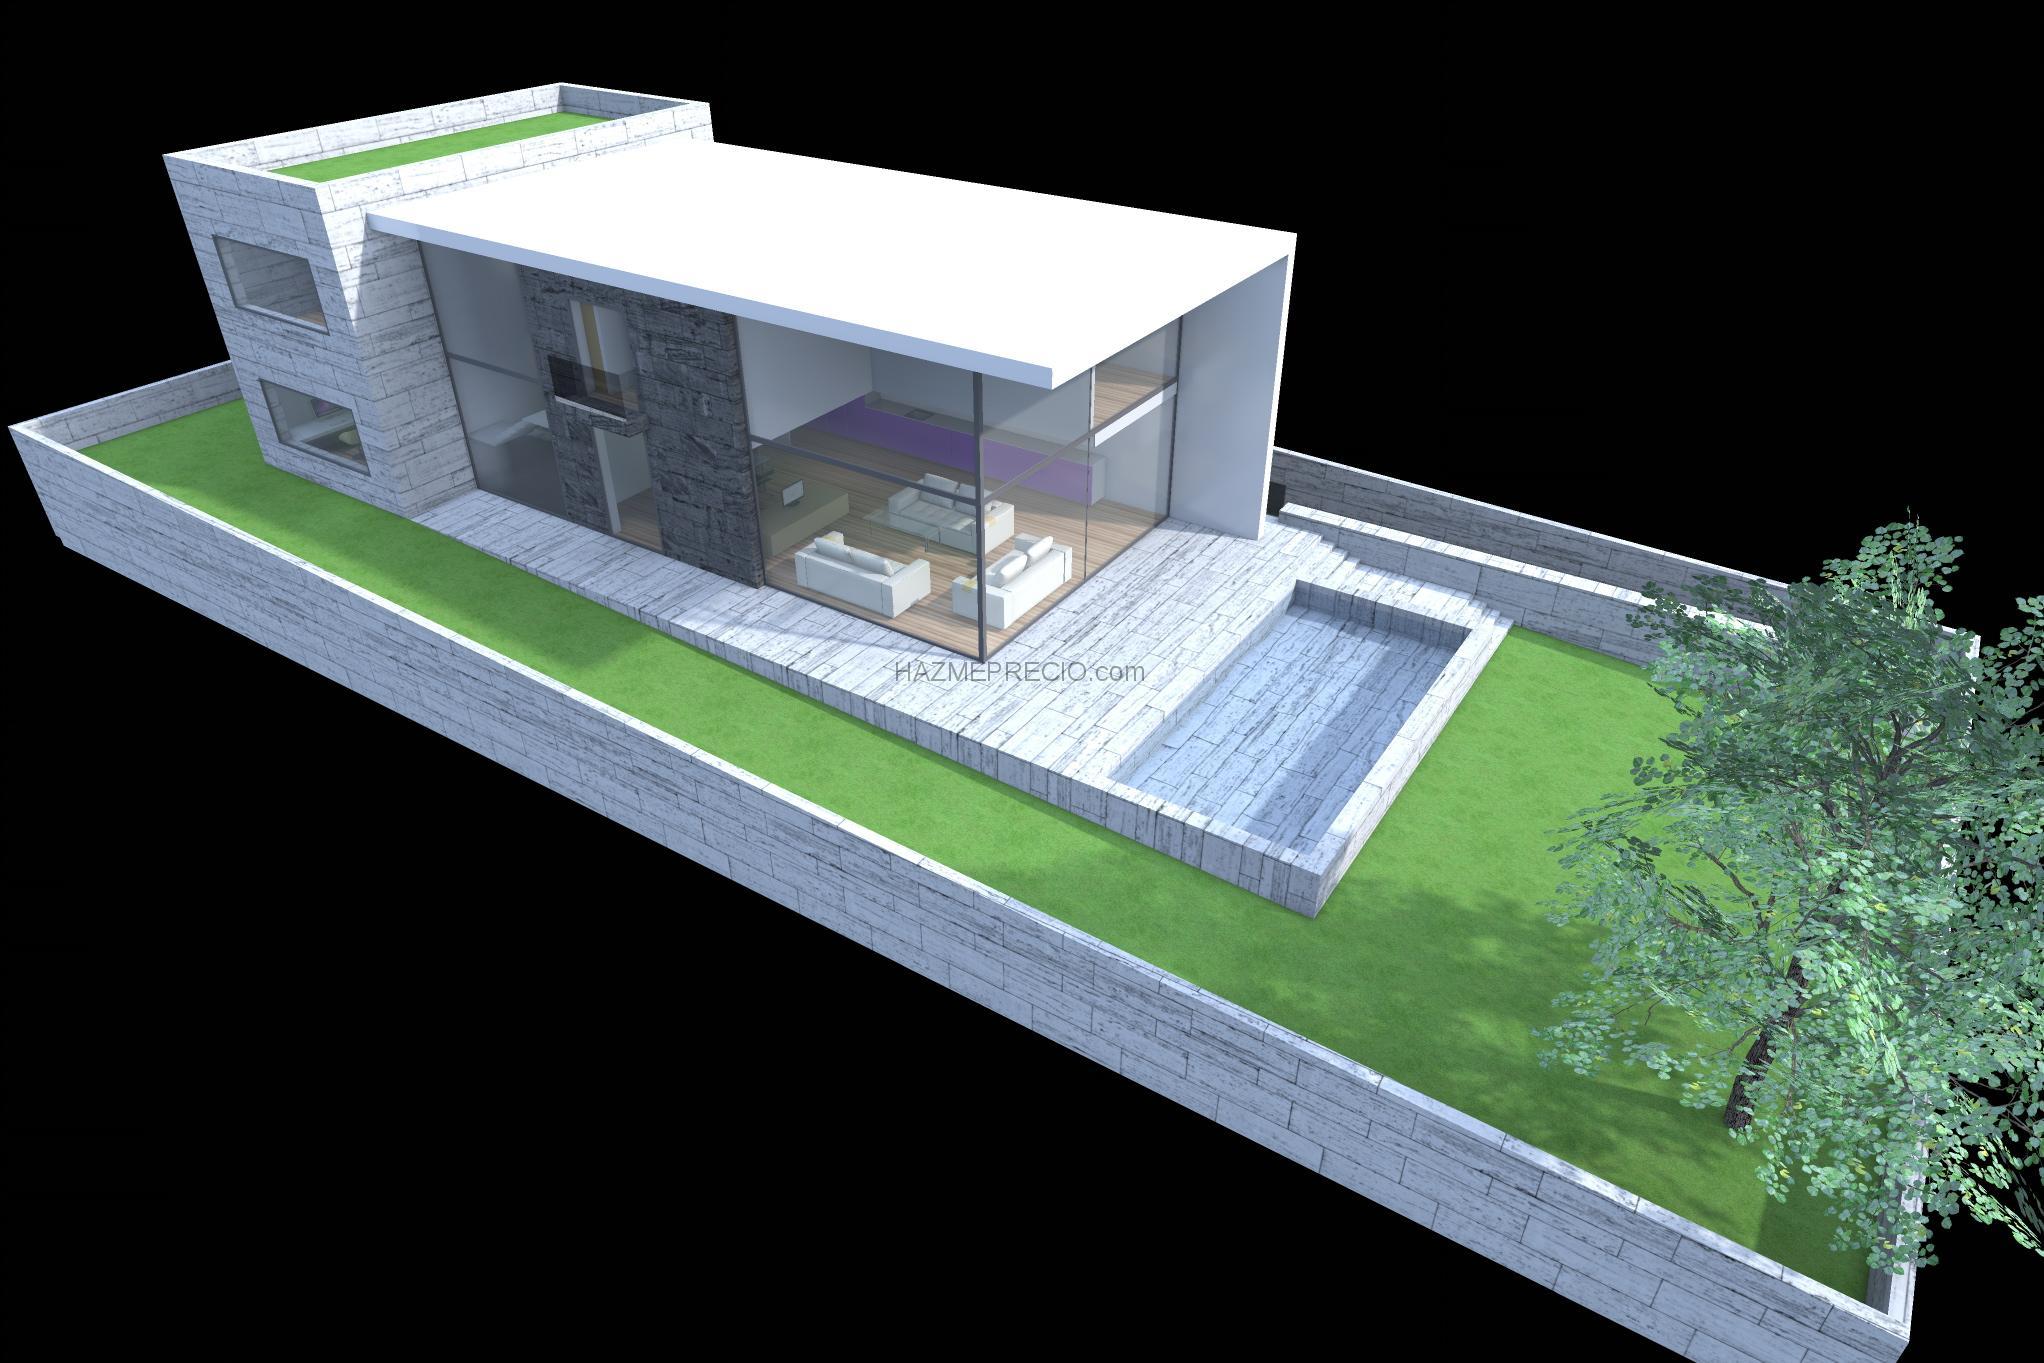 Presupuesto para hacer proyecto de una casa unifamiliar de unos 120m2 vidreres girona 3 - Precio proyecto casa 120 m2 ...